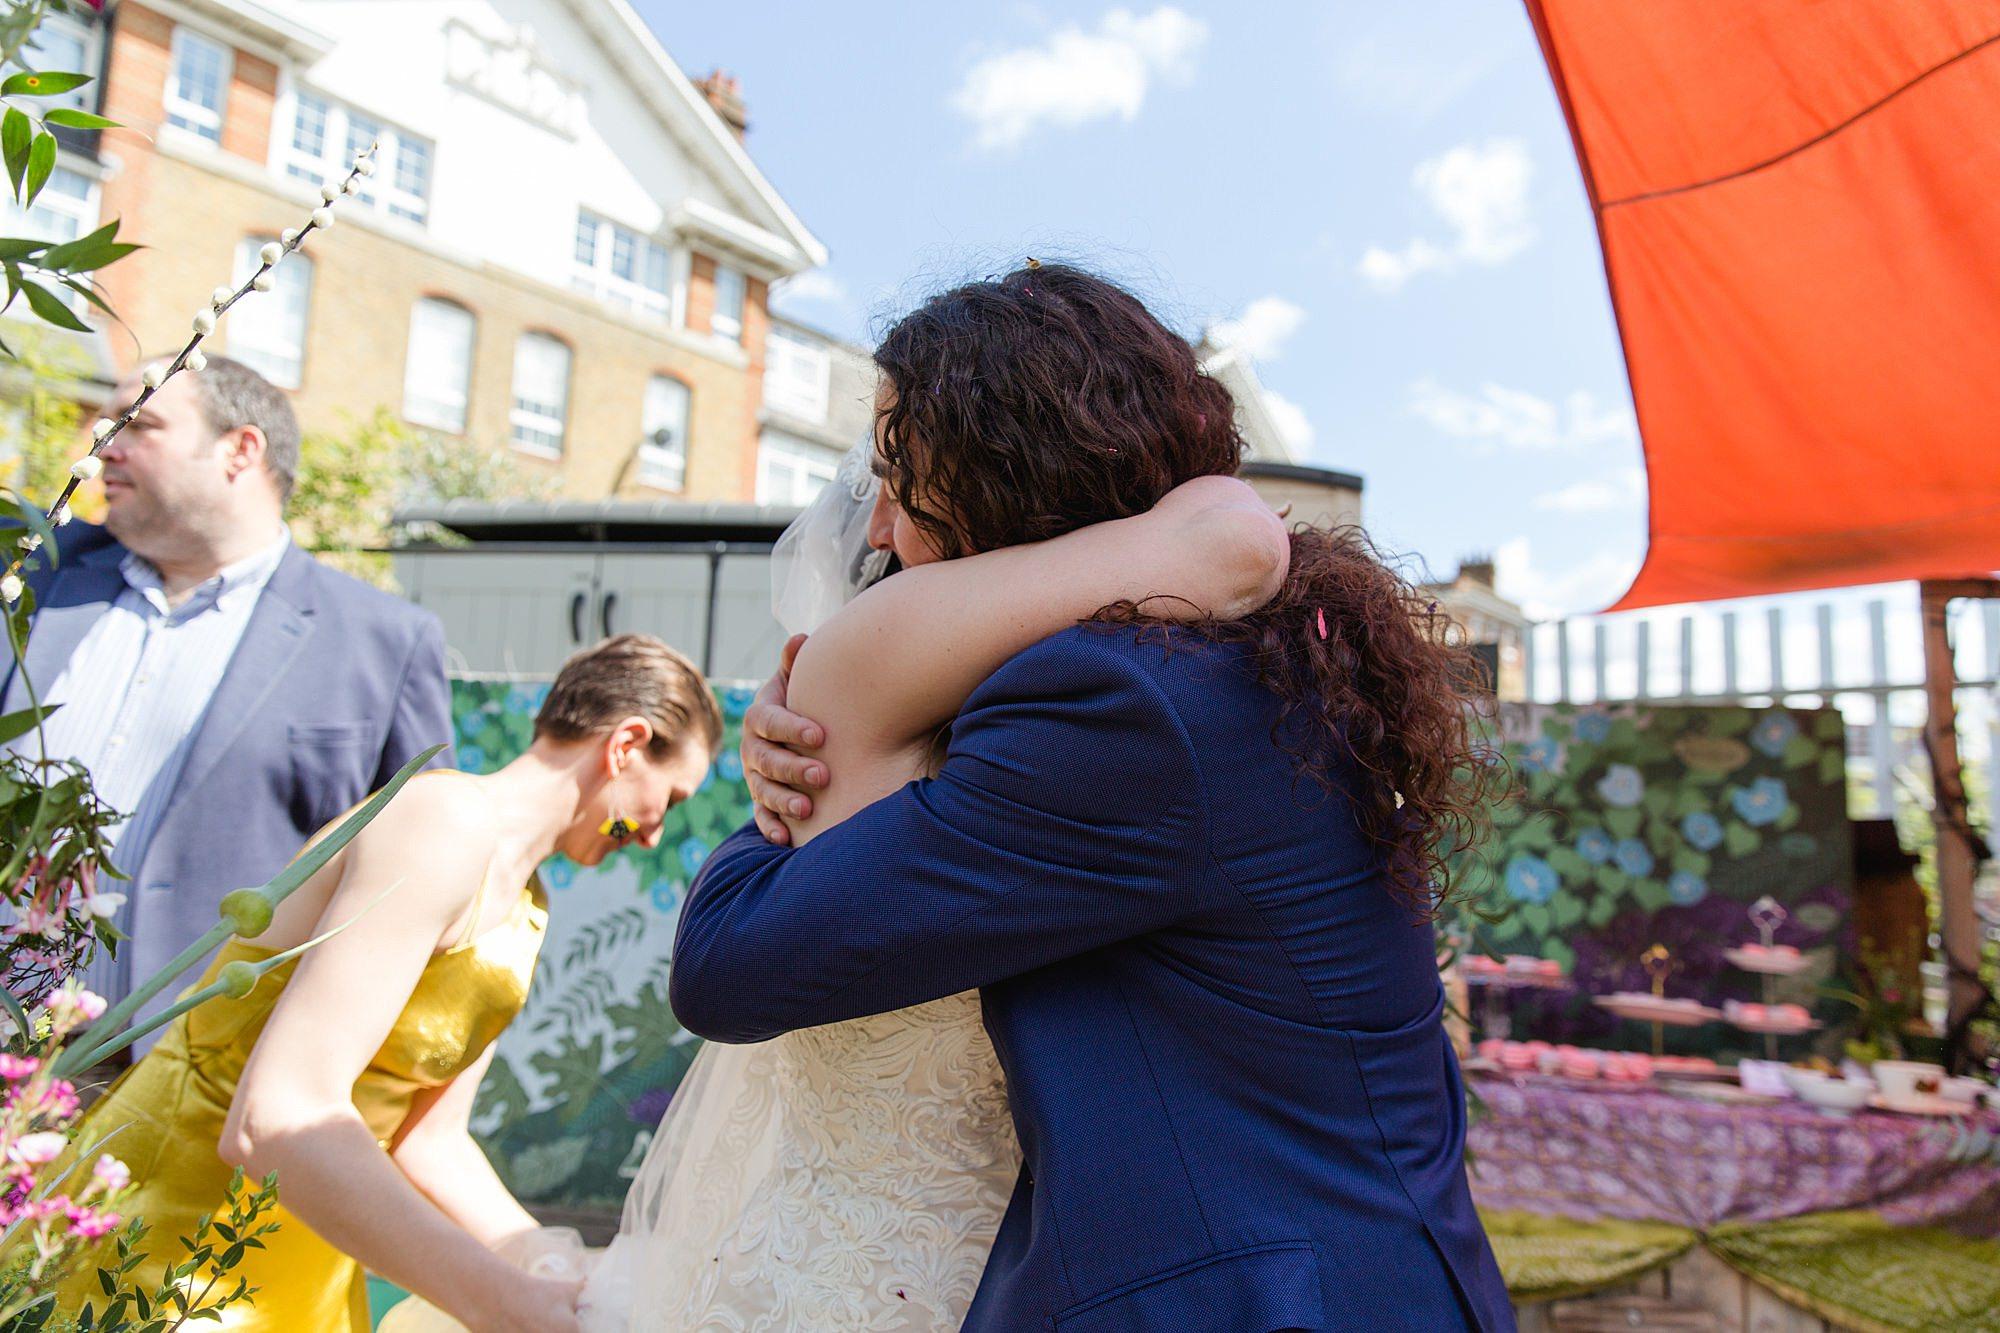 Brunel museum wedding guest hugging bride after ceremony